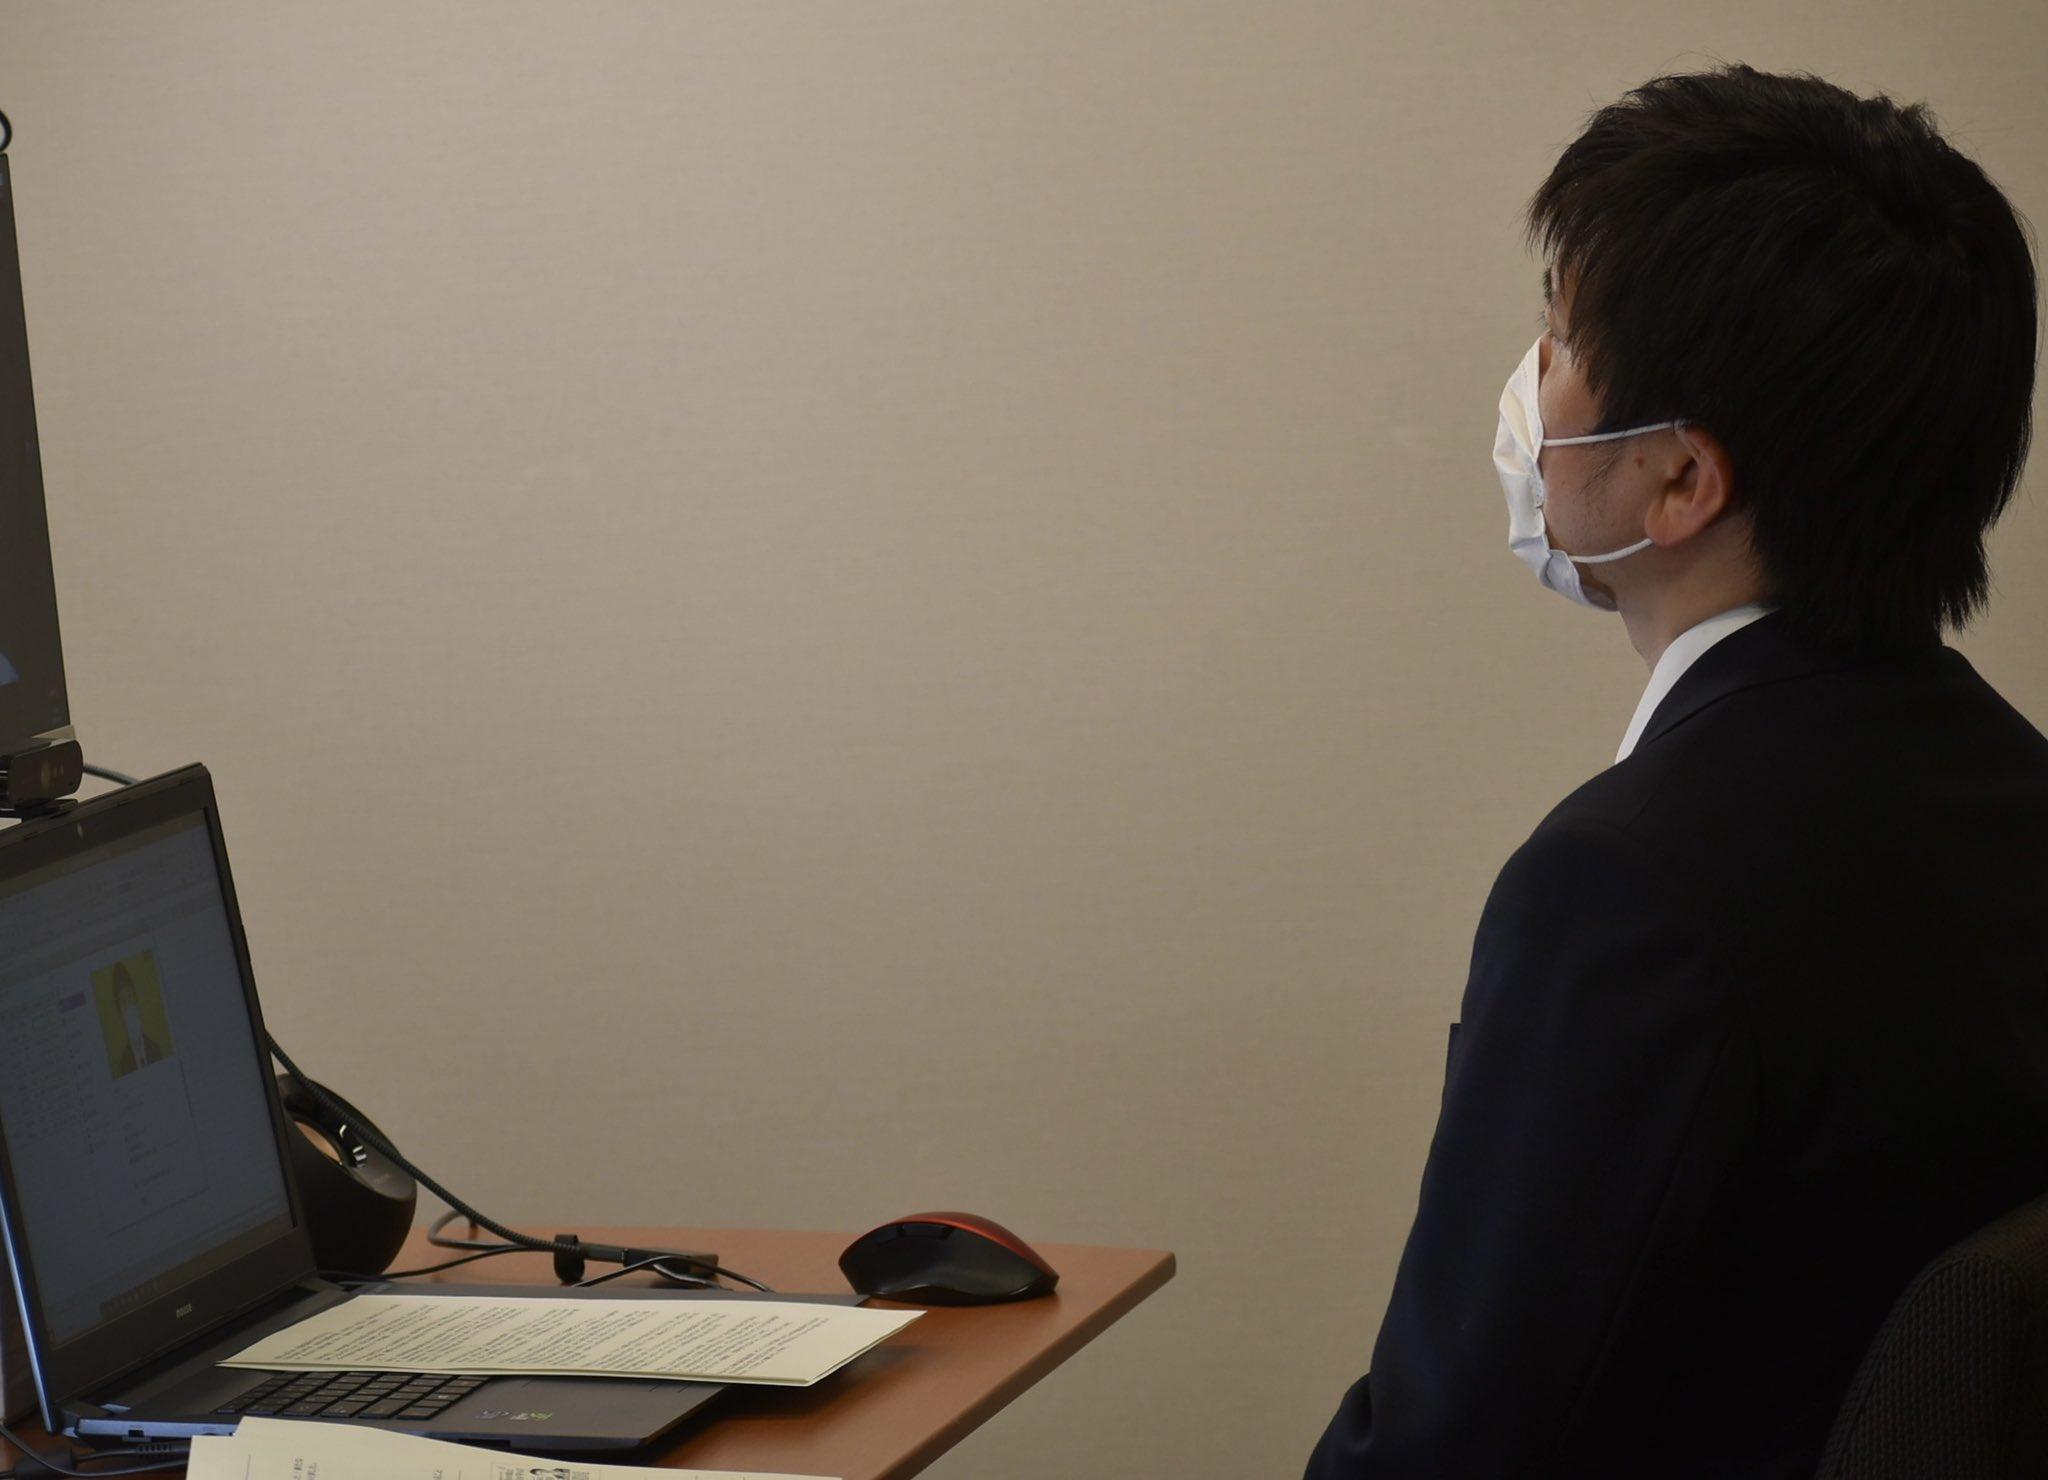 尼崎総支部のオンライン党員会に参加